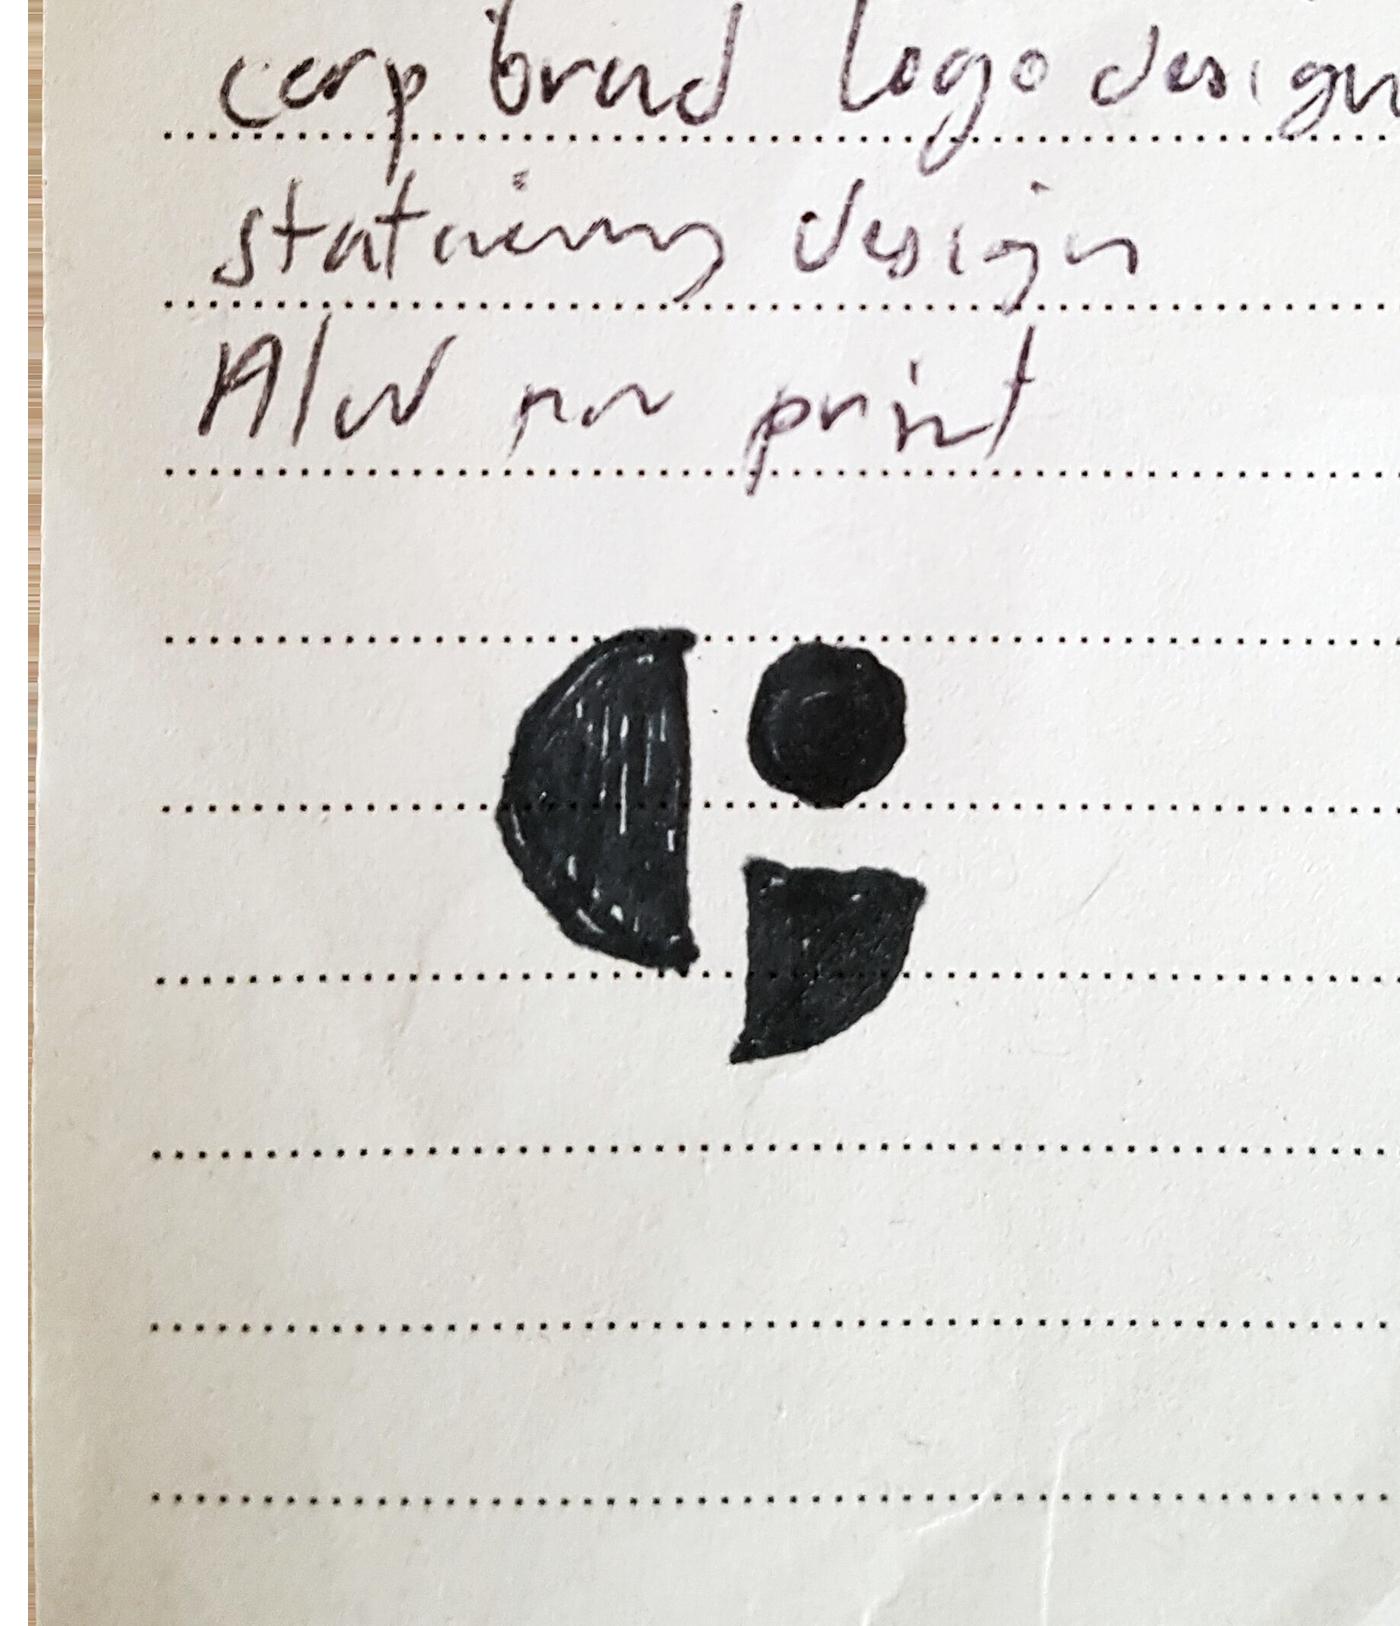 GAVIN MONOGRAM initial sketch